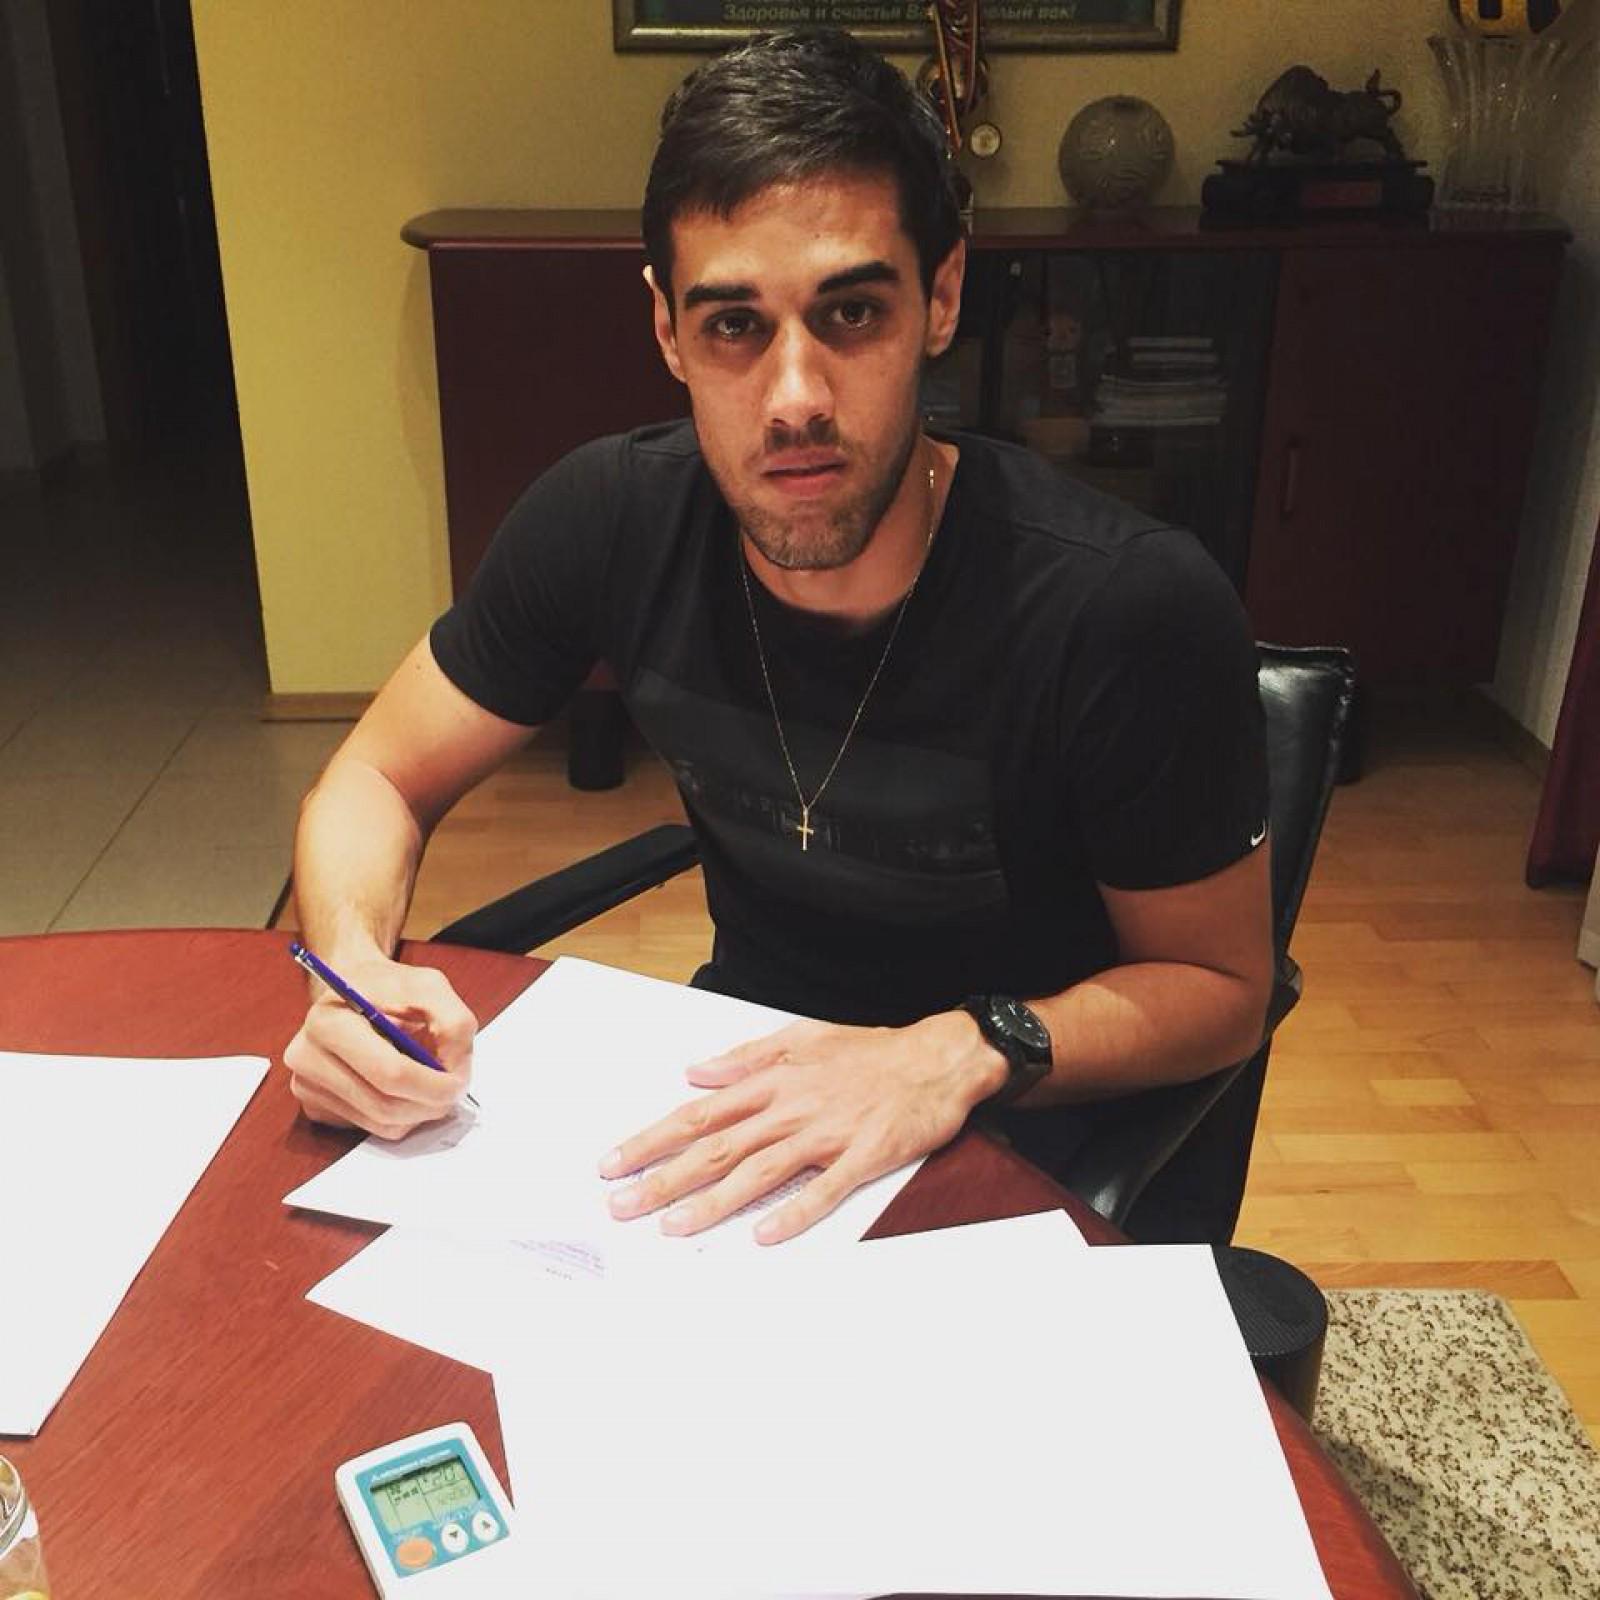 (foto) Achiziții noi la Zimbru Chișinău! Galben-verzii au semnat cu un portar trecut pe la Sporting Lisabona și cu un fundaș brazilian format la Sao Paolo